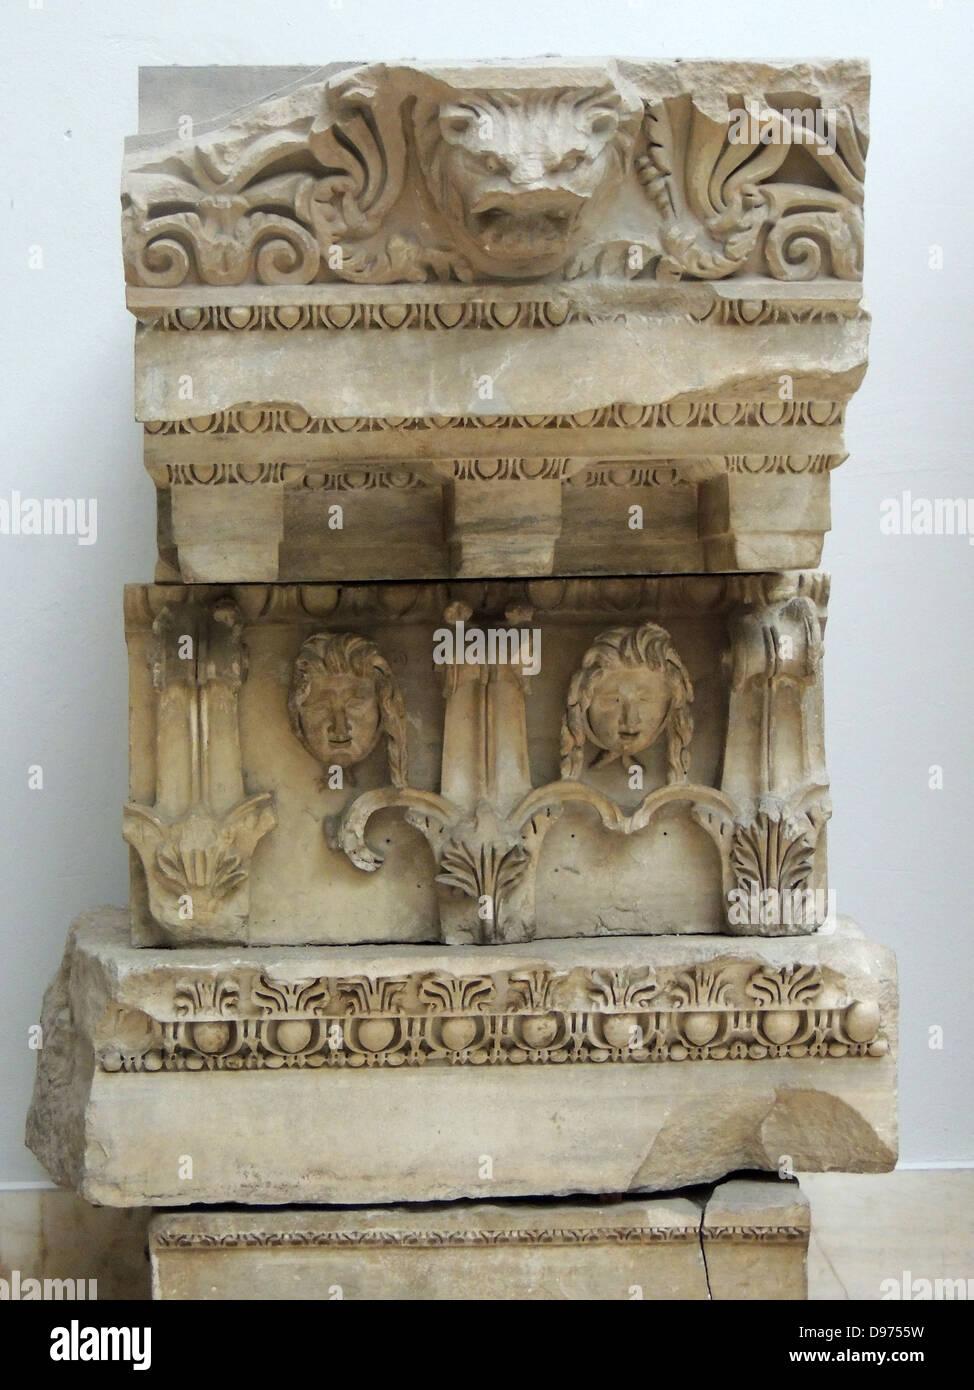 Temple of Zeus Philios (Trajaneum) Entablature marble, ca 115-130 AD. - Stock Image